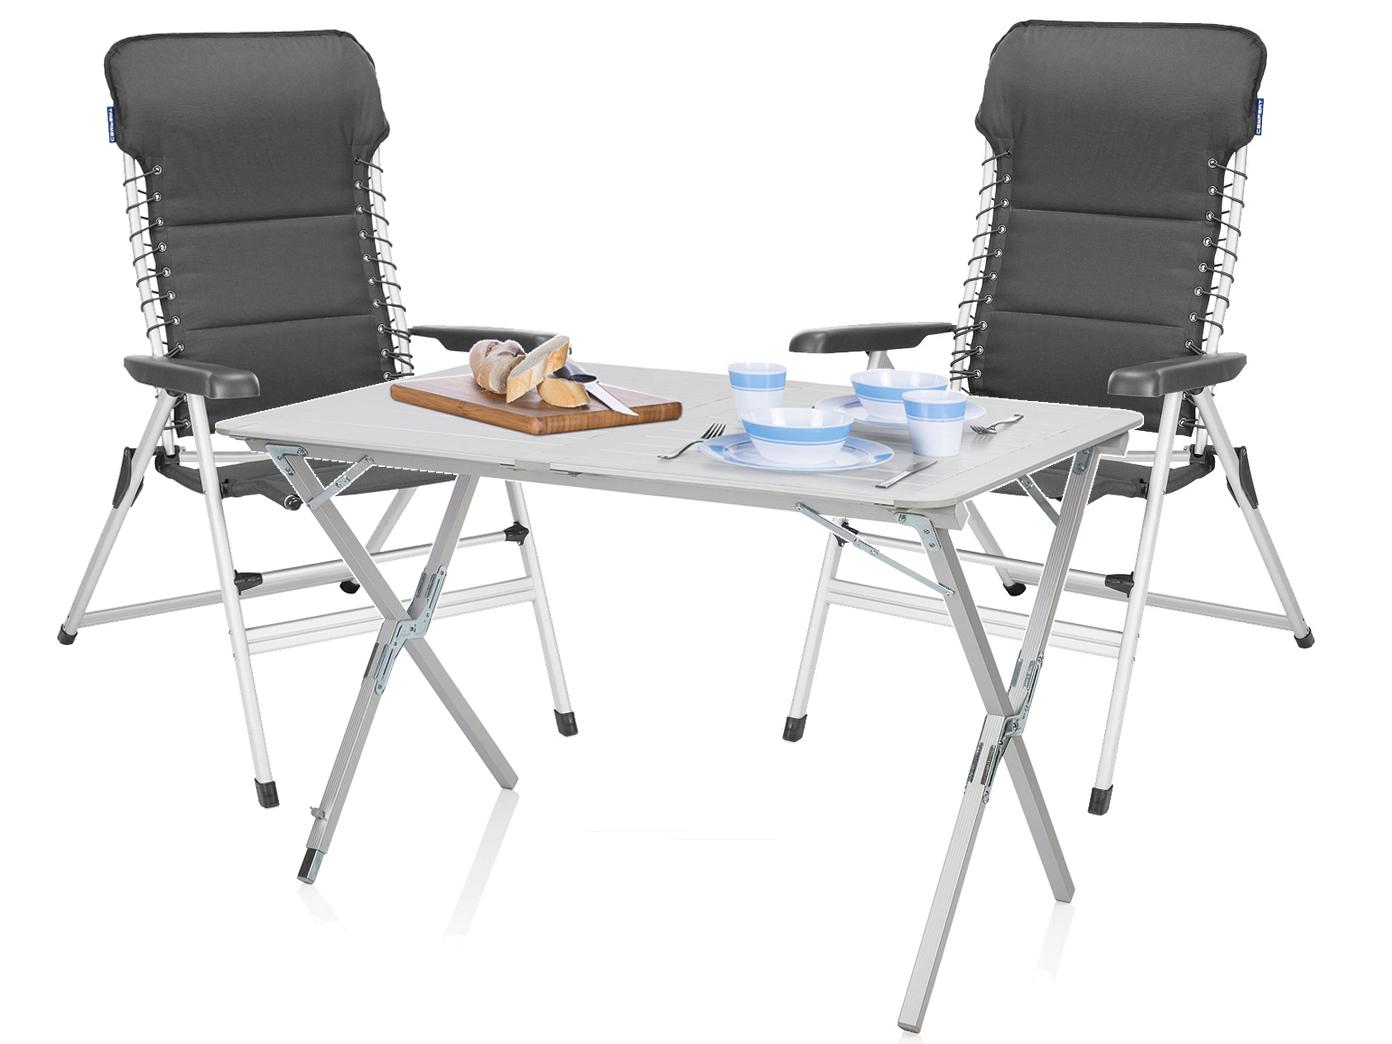 Campingtisch Mit Stühlen : camping set alu campingtisch mit st hlen rolltisch tisch und 2x stuhl klappbar ebay ~ Eleganceandgraceweddings.com Haus und Dekorationen